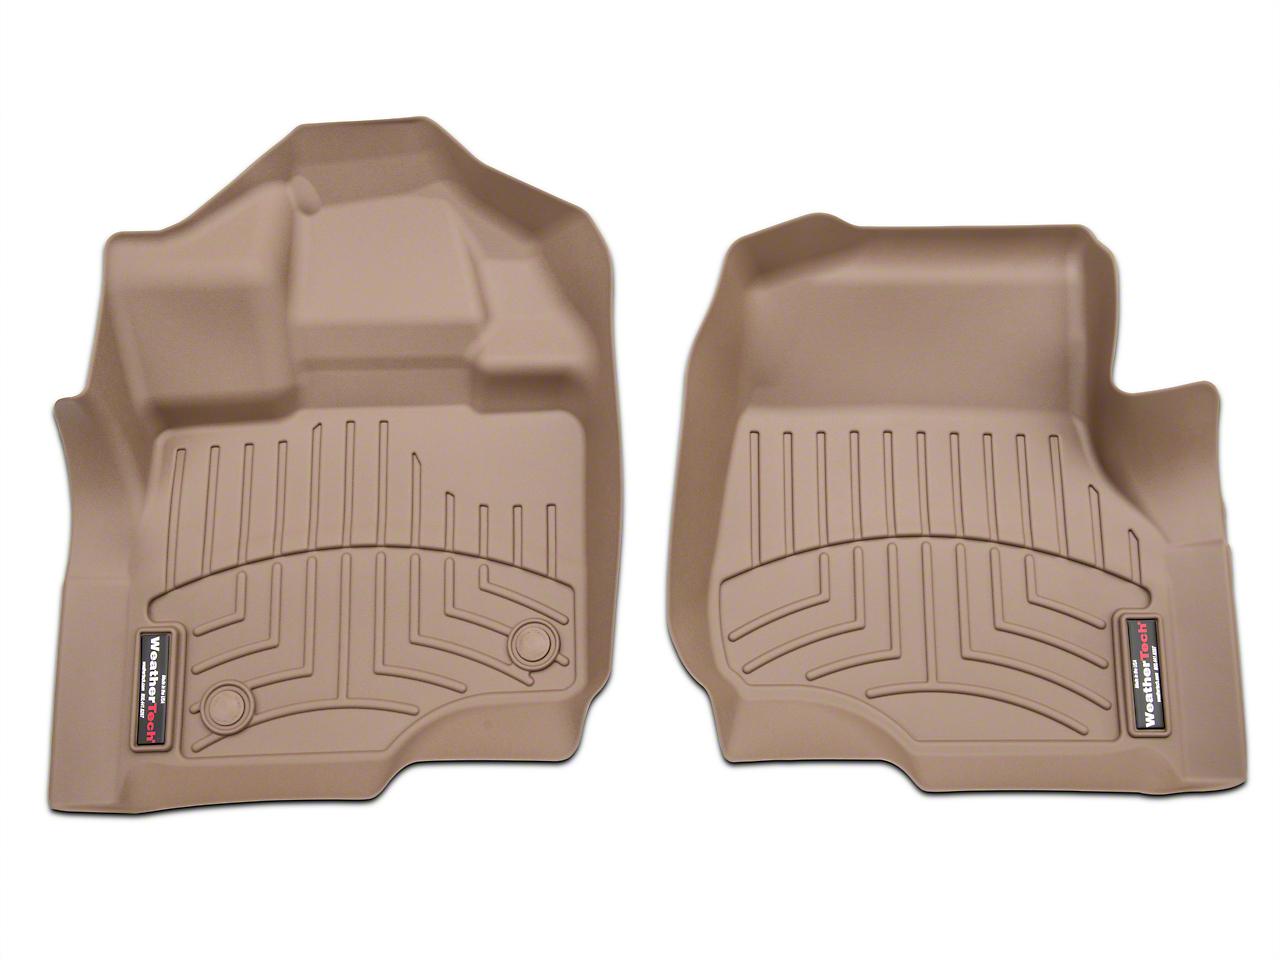 Weathertech DigitalFit Front Floor Liners - Tan (97-03 F-150)